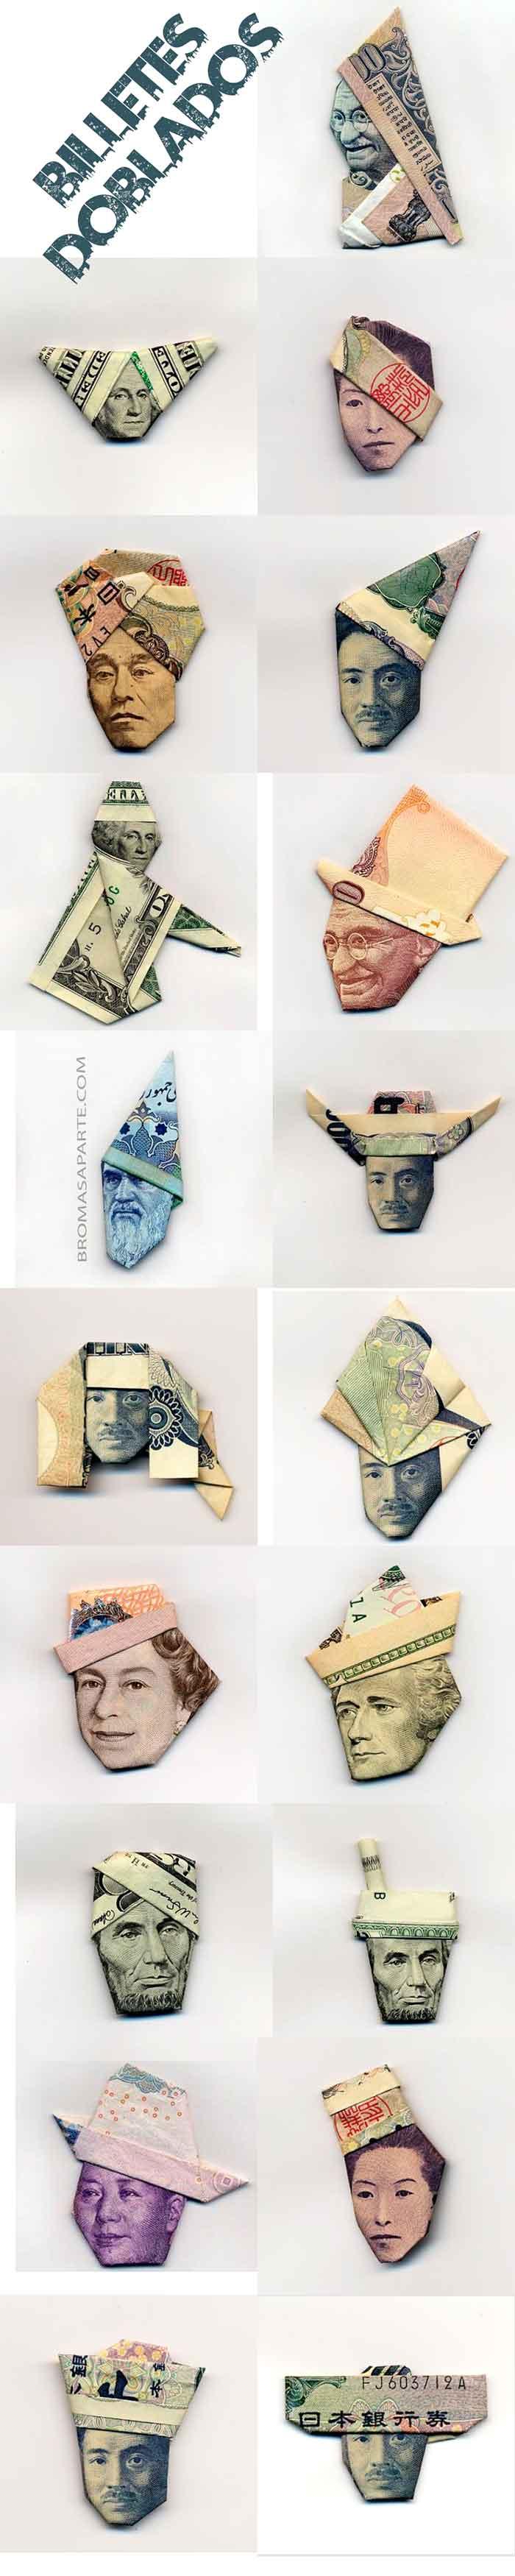 conjunto-de-billetes-doblados-haciendo-sombreros-bromasaparte